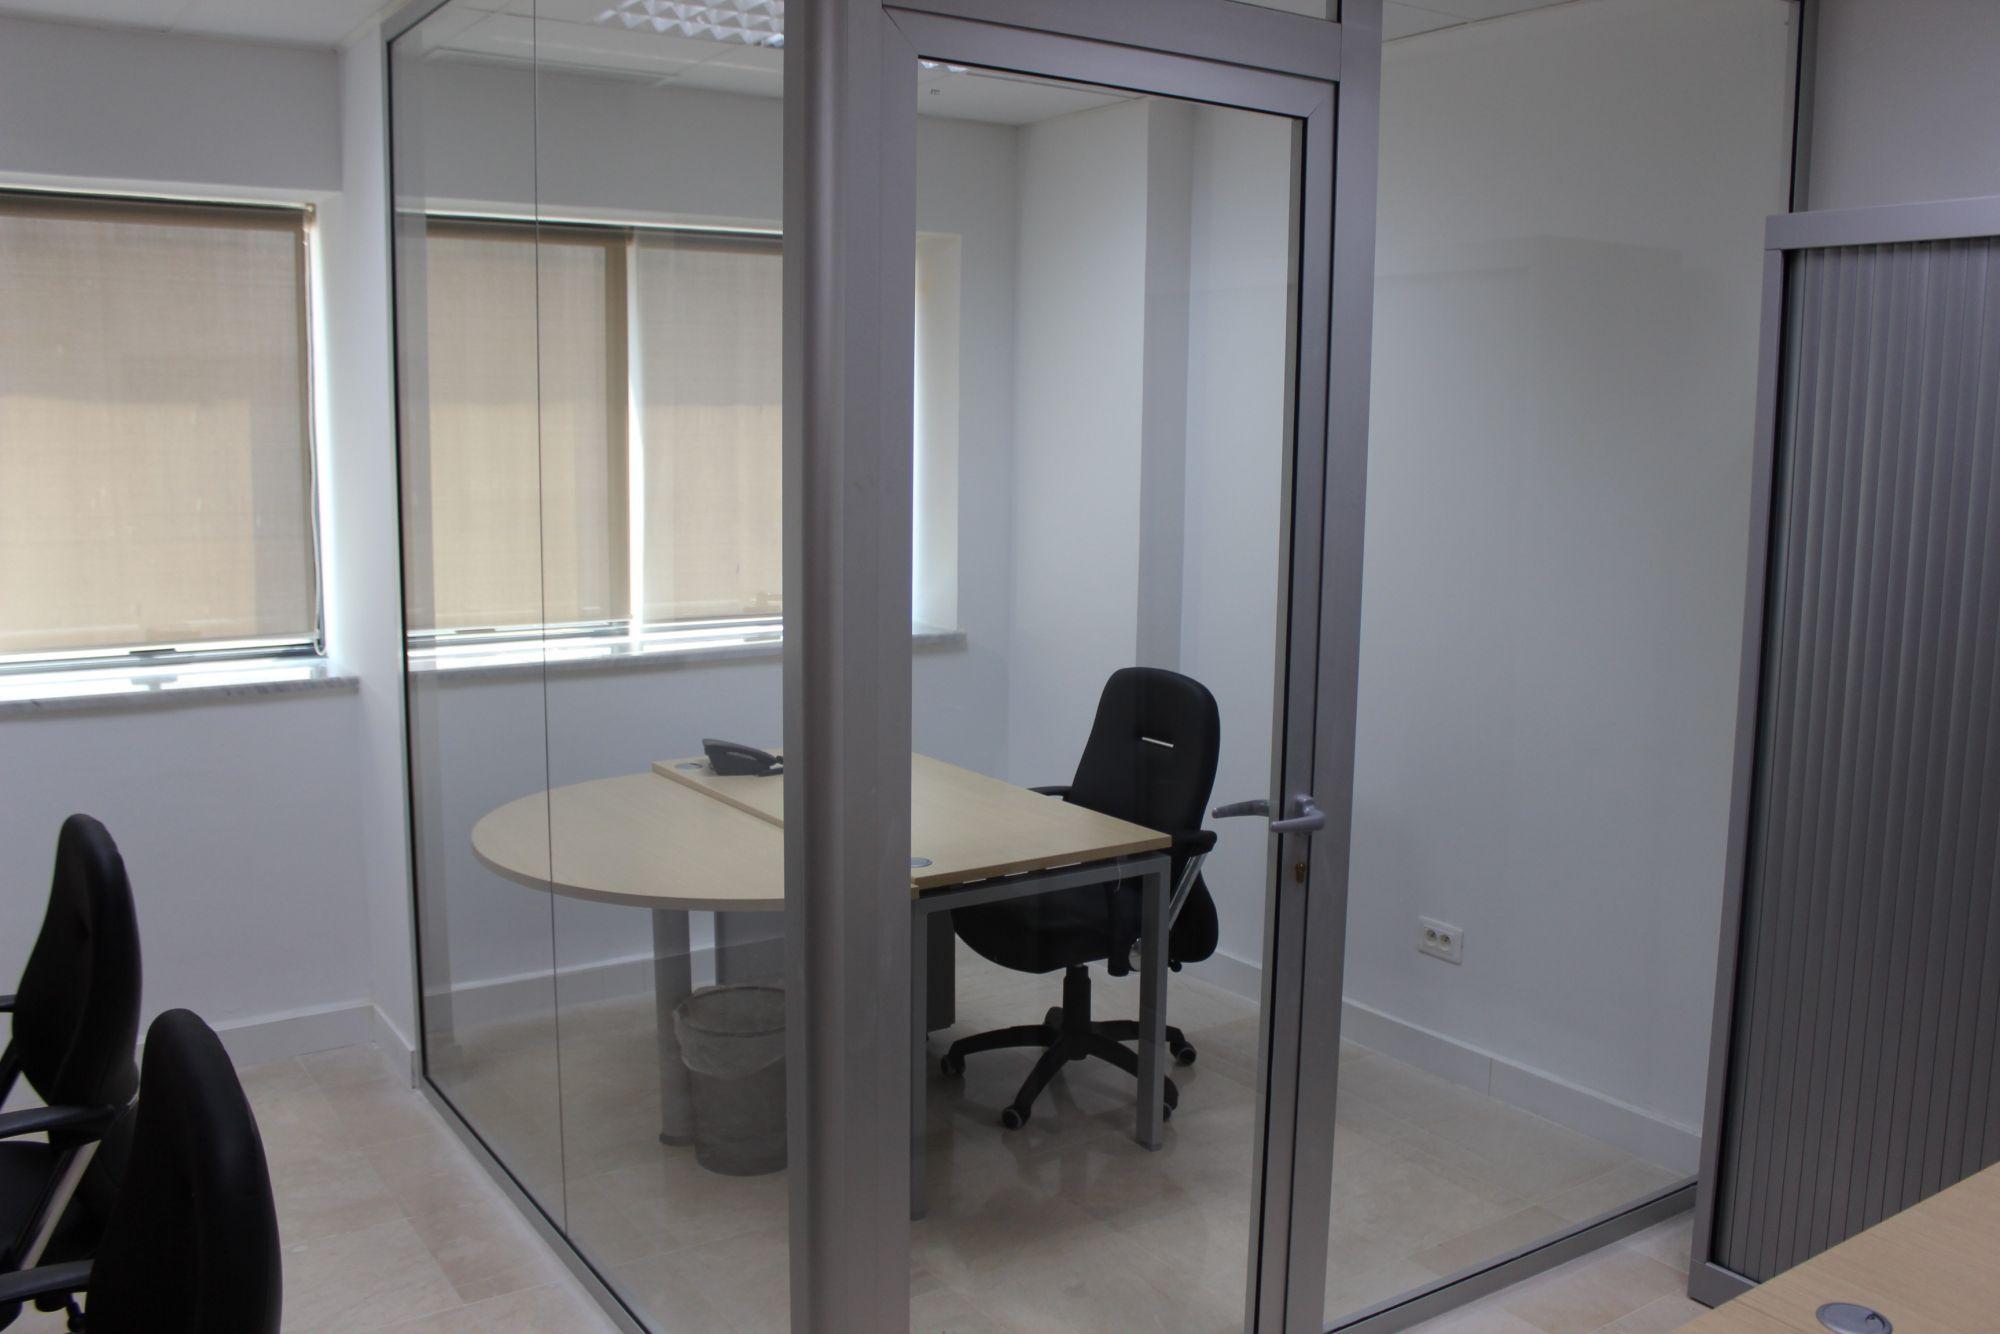 Bureaux meublés à louer aux berges du lac tunis location bureau